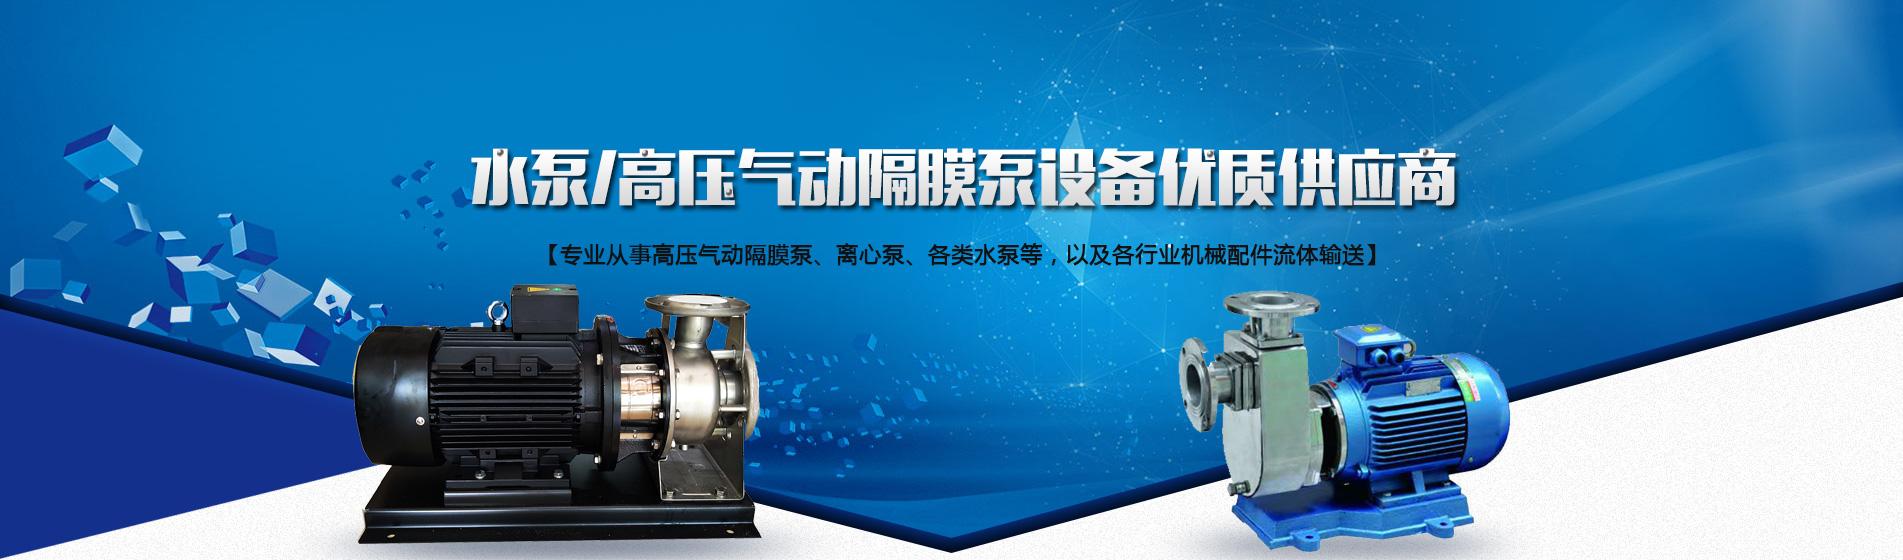 中山正扬机电带你走进立式多级离心泵的工作原理